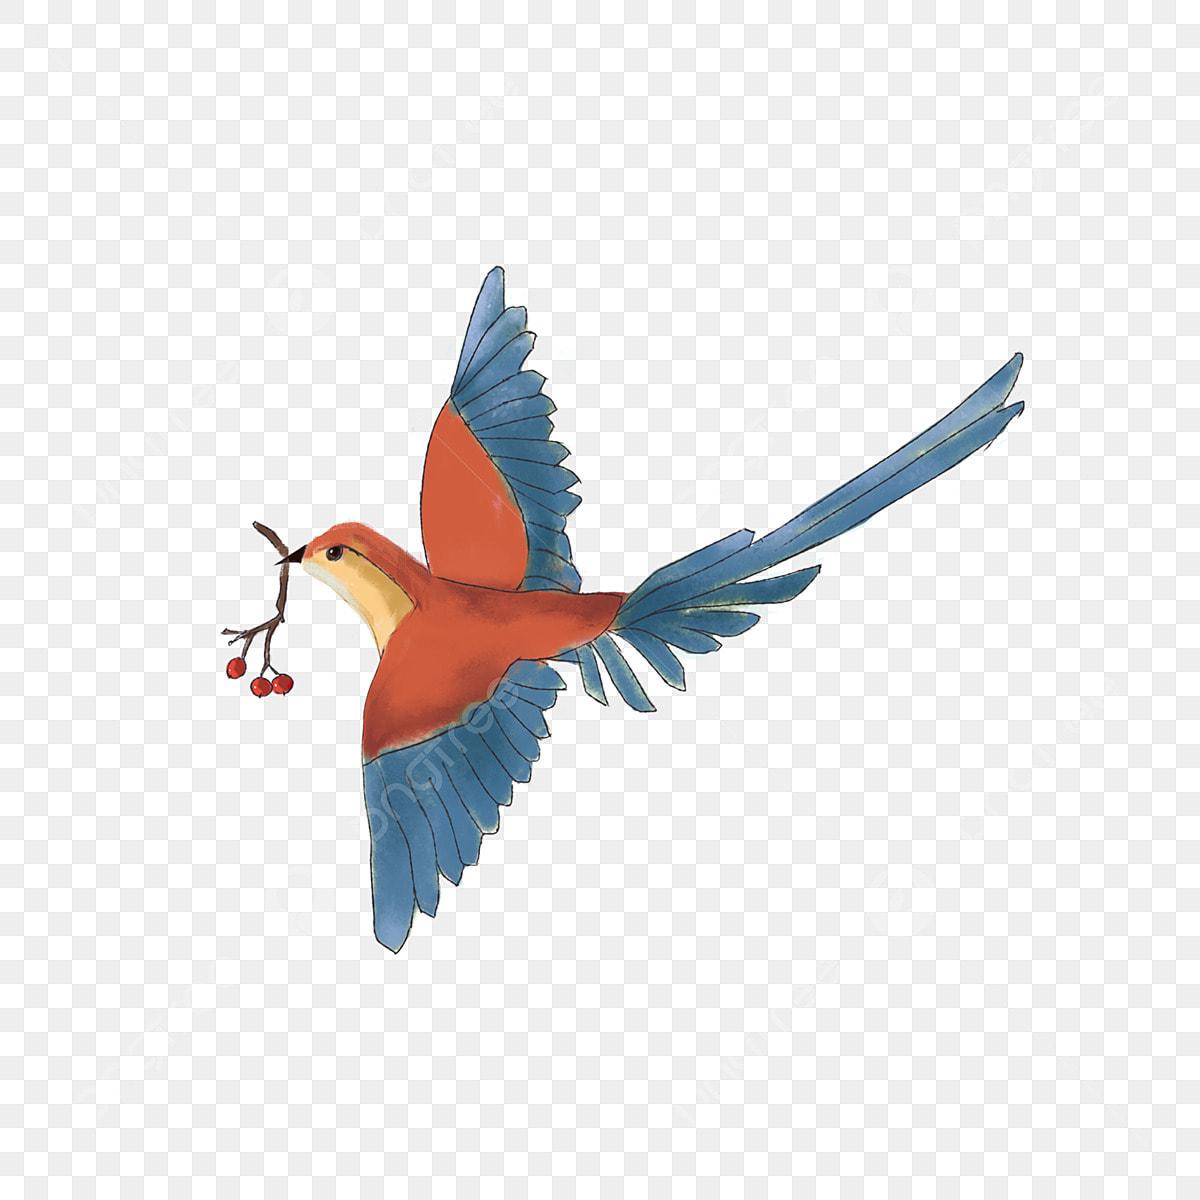 O Passaro Pintado Colorido Dos Desenhos Animados Animal Dos